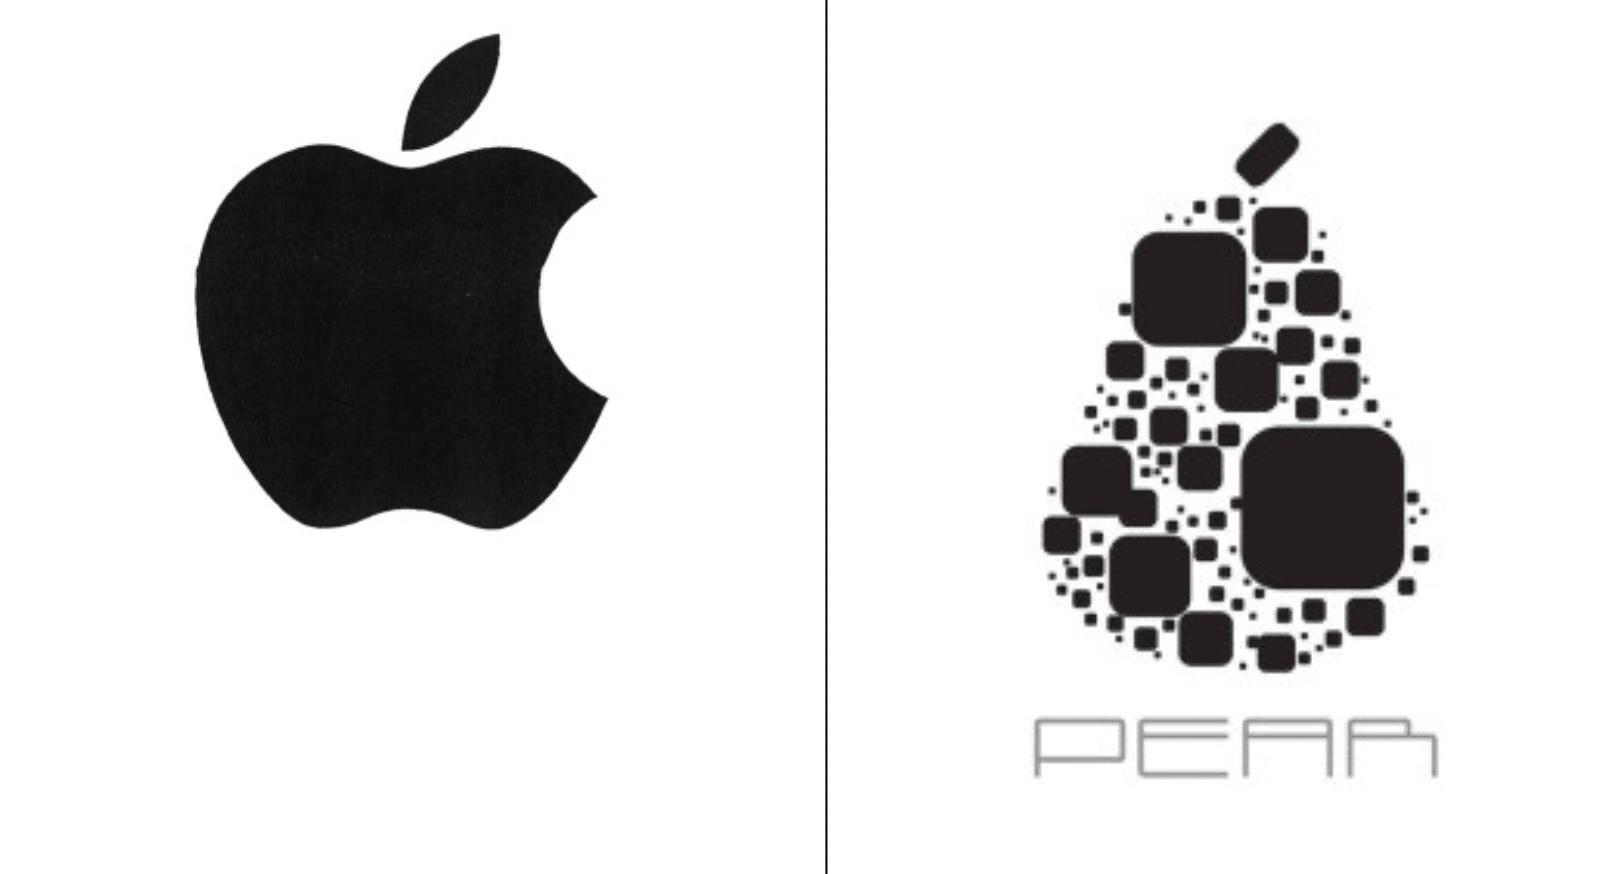 Auch dieser Markeneintrag von Pear wurde nach Apples Einspruch abgelehnt.